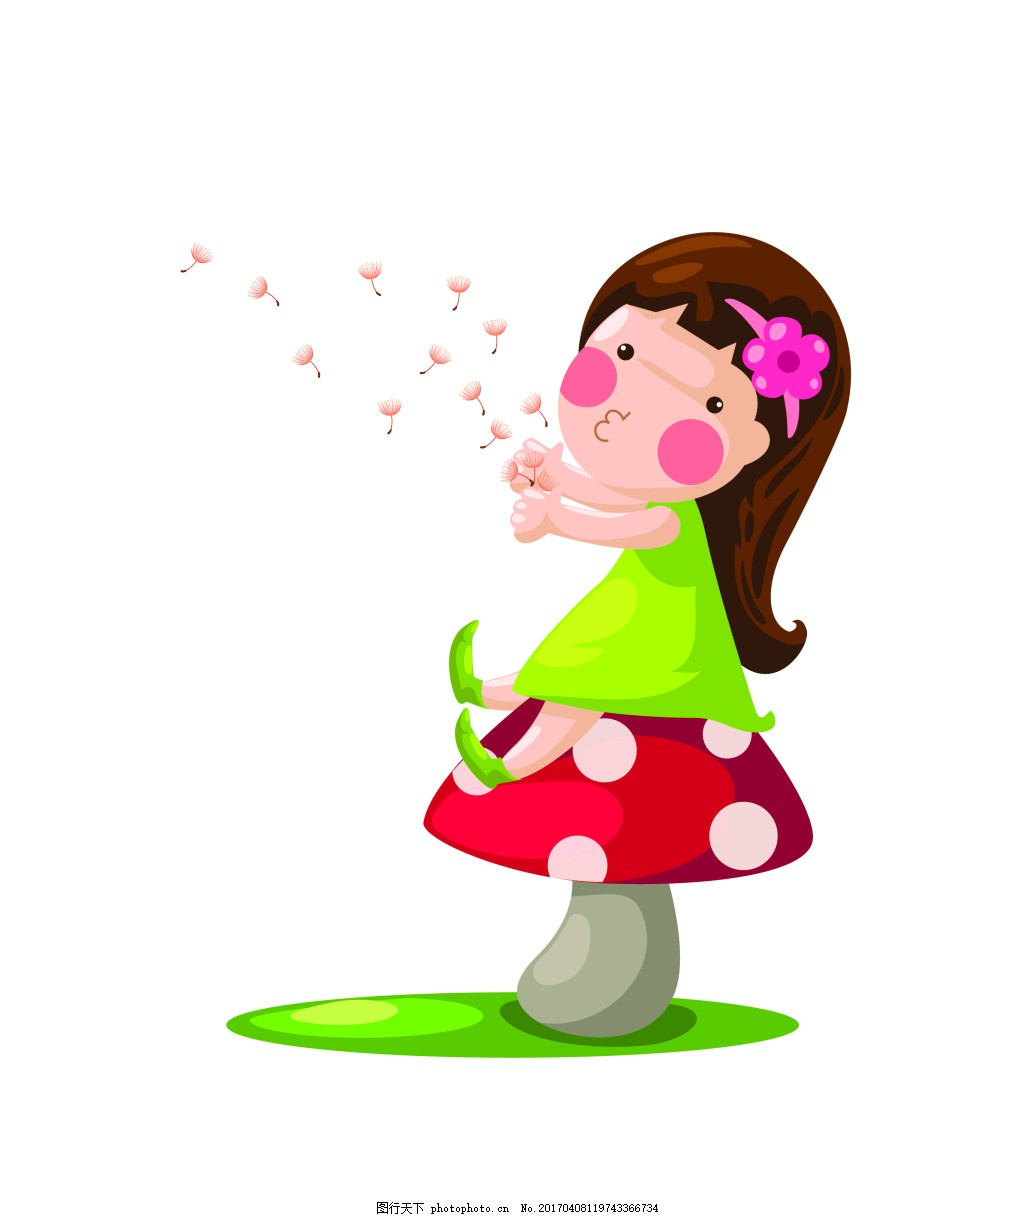 矢量蘑菇小女孩eps 花纹花边 可爱动物 墙贴 墙画 儿童矢量素材